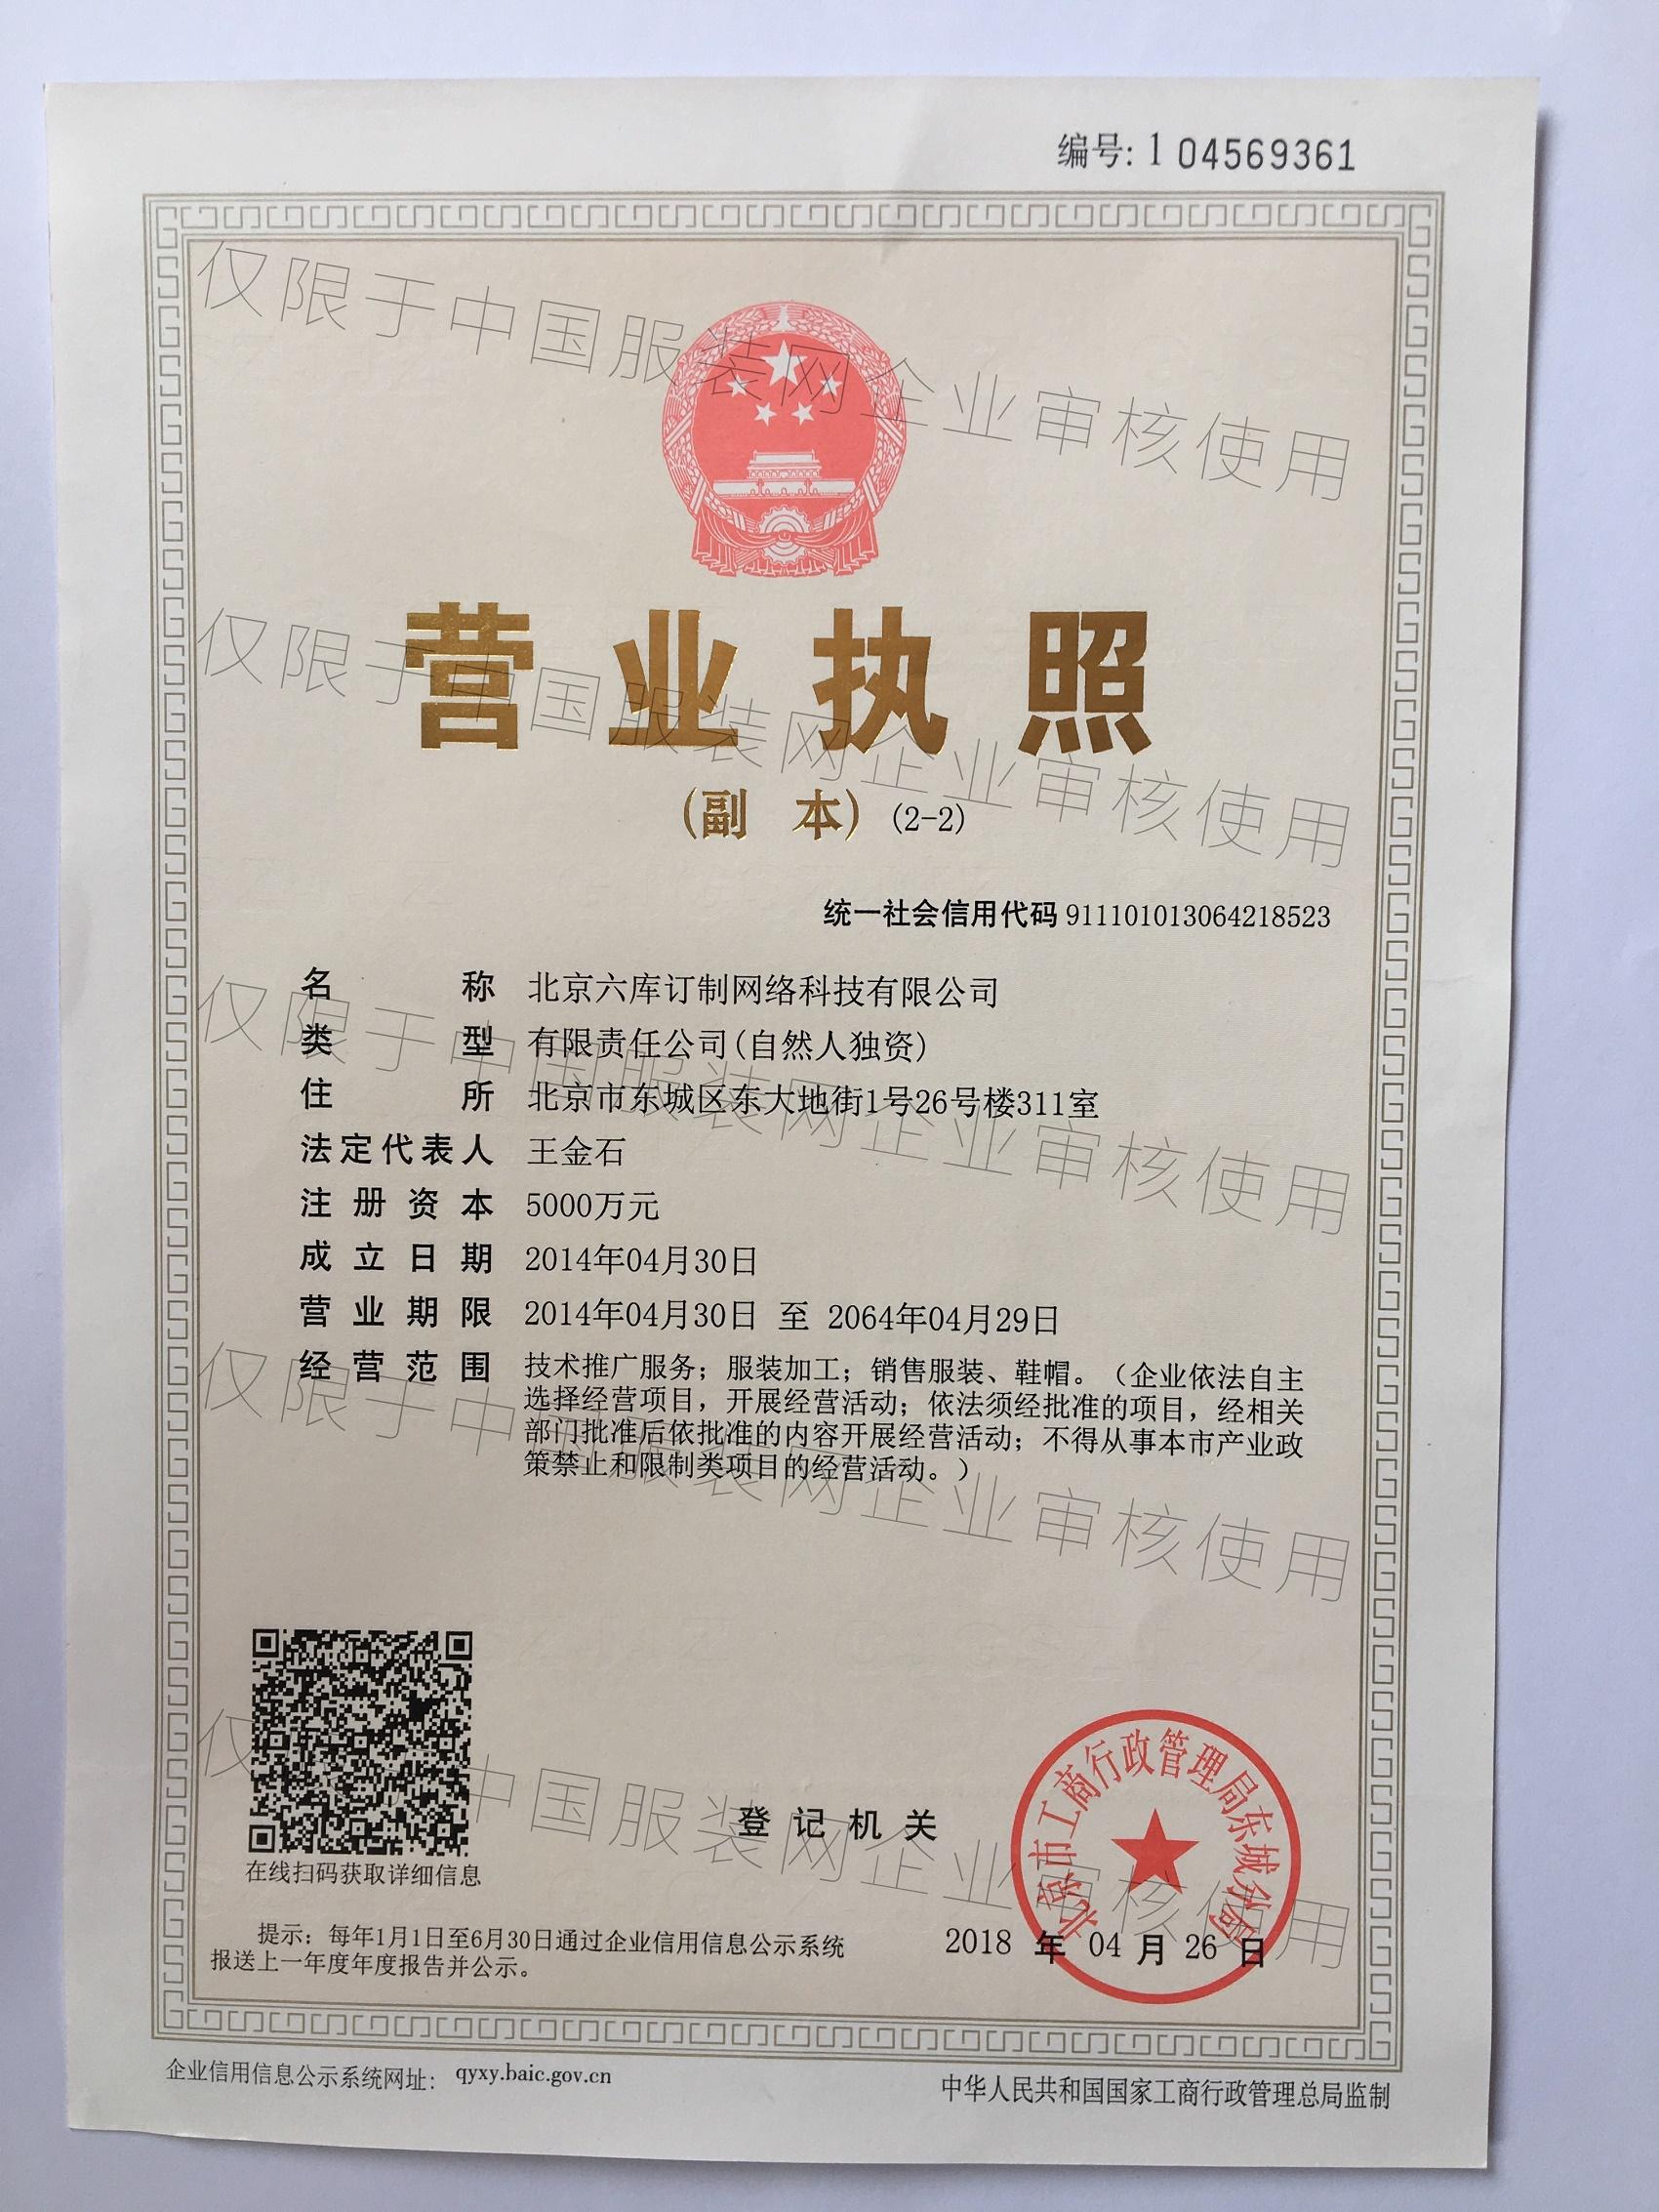 北京六库订制网络科技有限公司企业档案